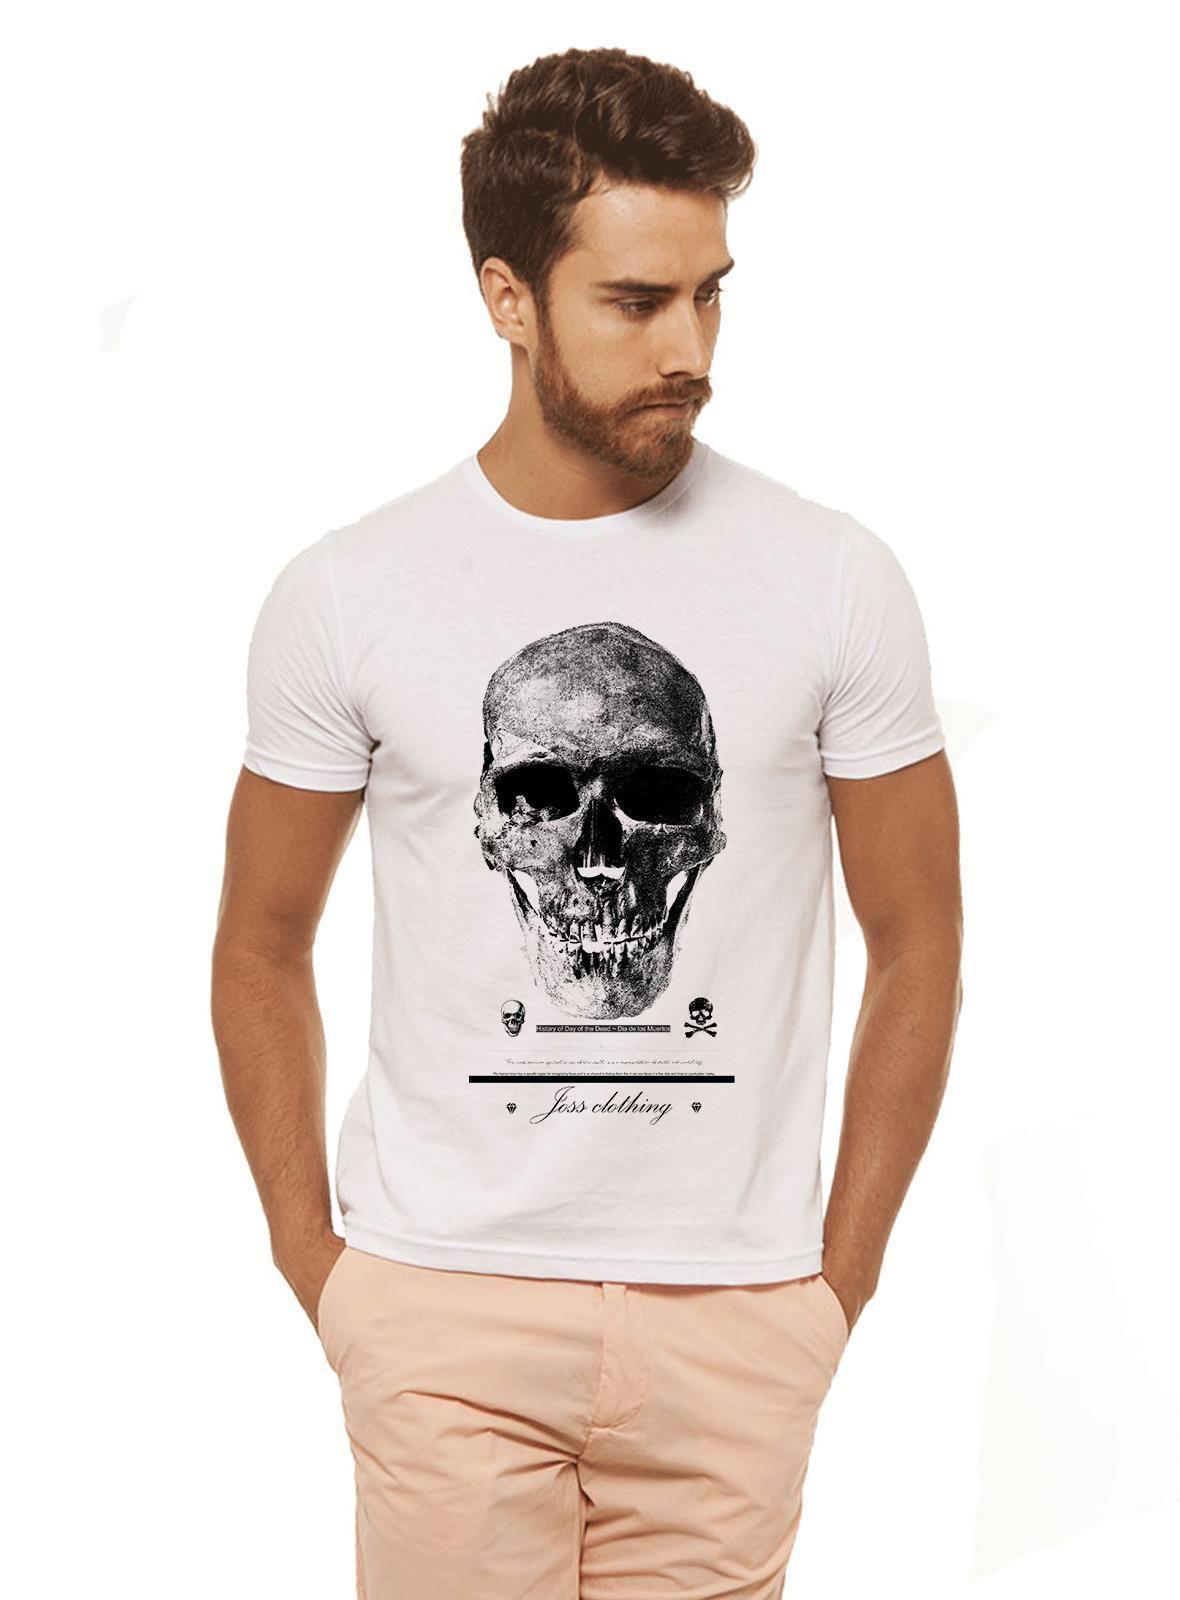 da877486eb Camiseta Premium Caveira Branca Estampada